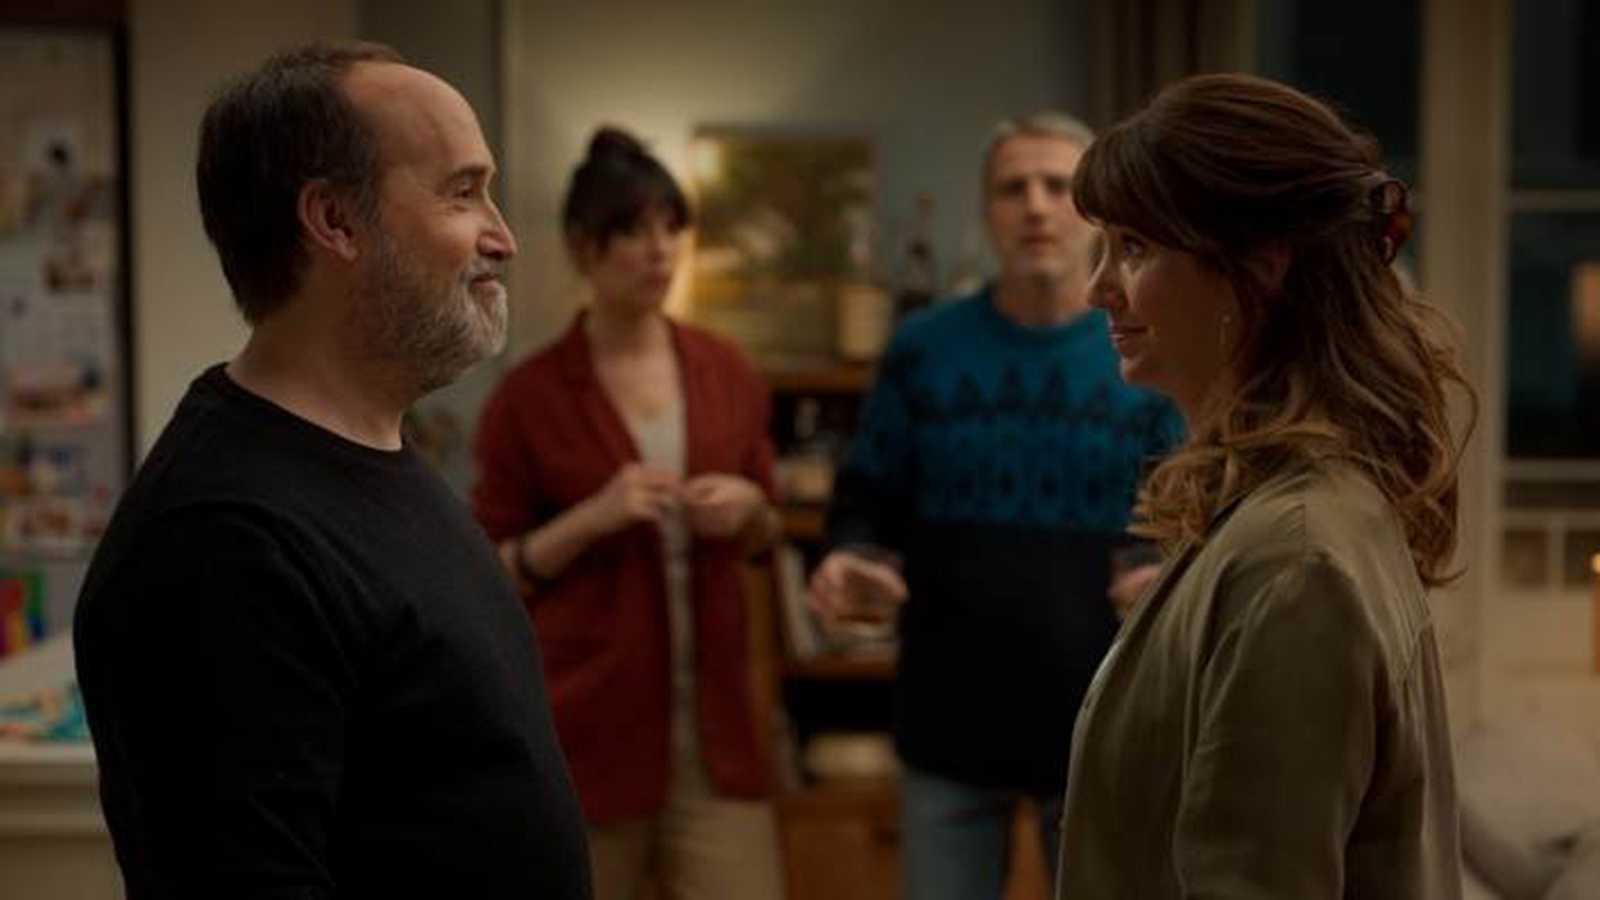 Días de cine' se asoma a la Seminci y a estrenos como 'Sentimental' y 'Emma'